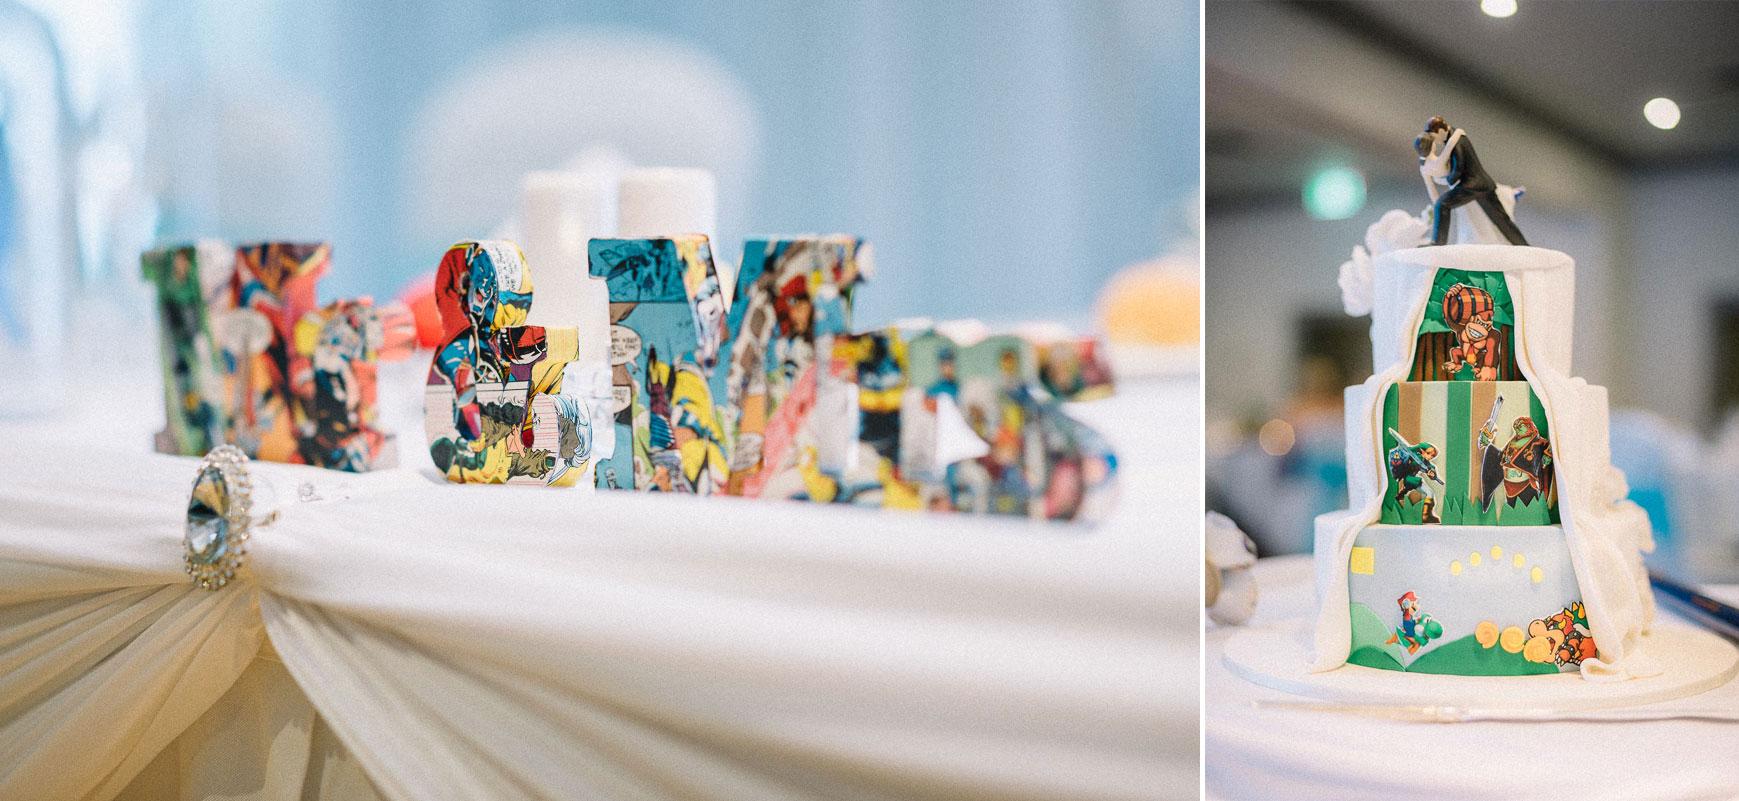 perth-fremantle-quirky-geeky-wedding-50.jpg